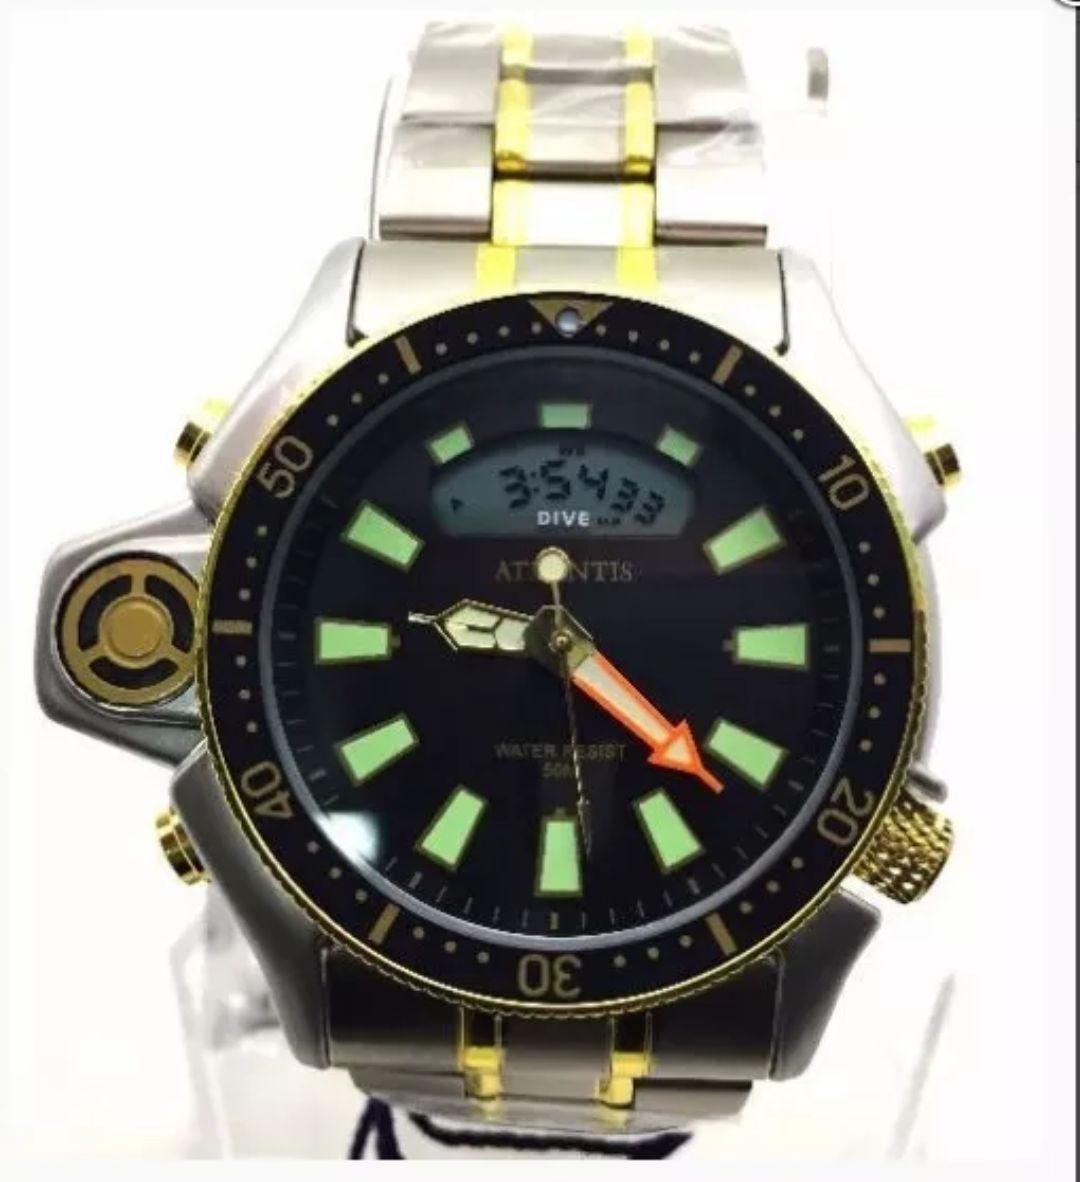 5ddf67f8108 relogio aqualand jp1060 cores variadas promoção frete grátis. Carregando  zoom.